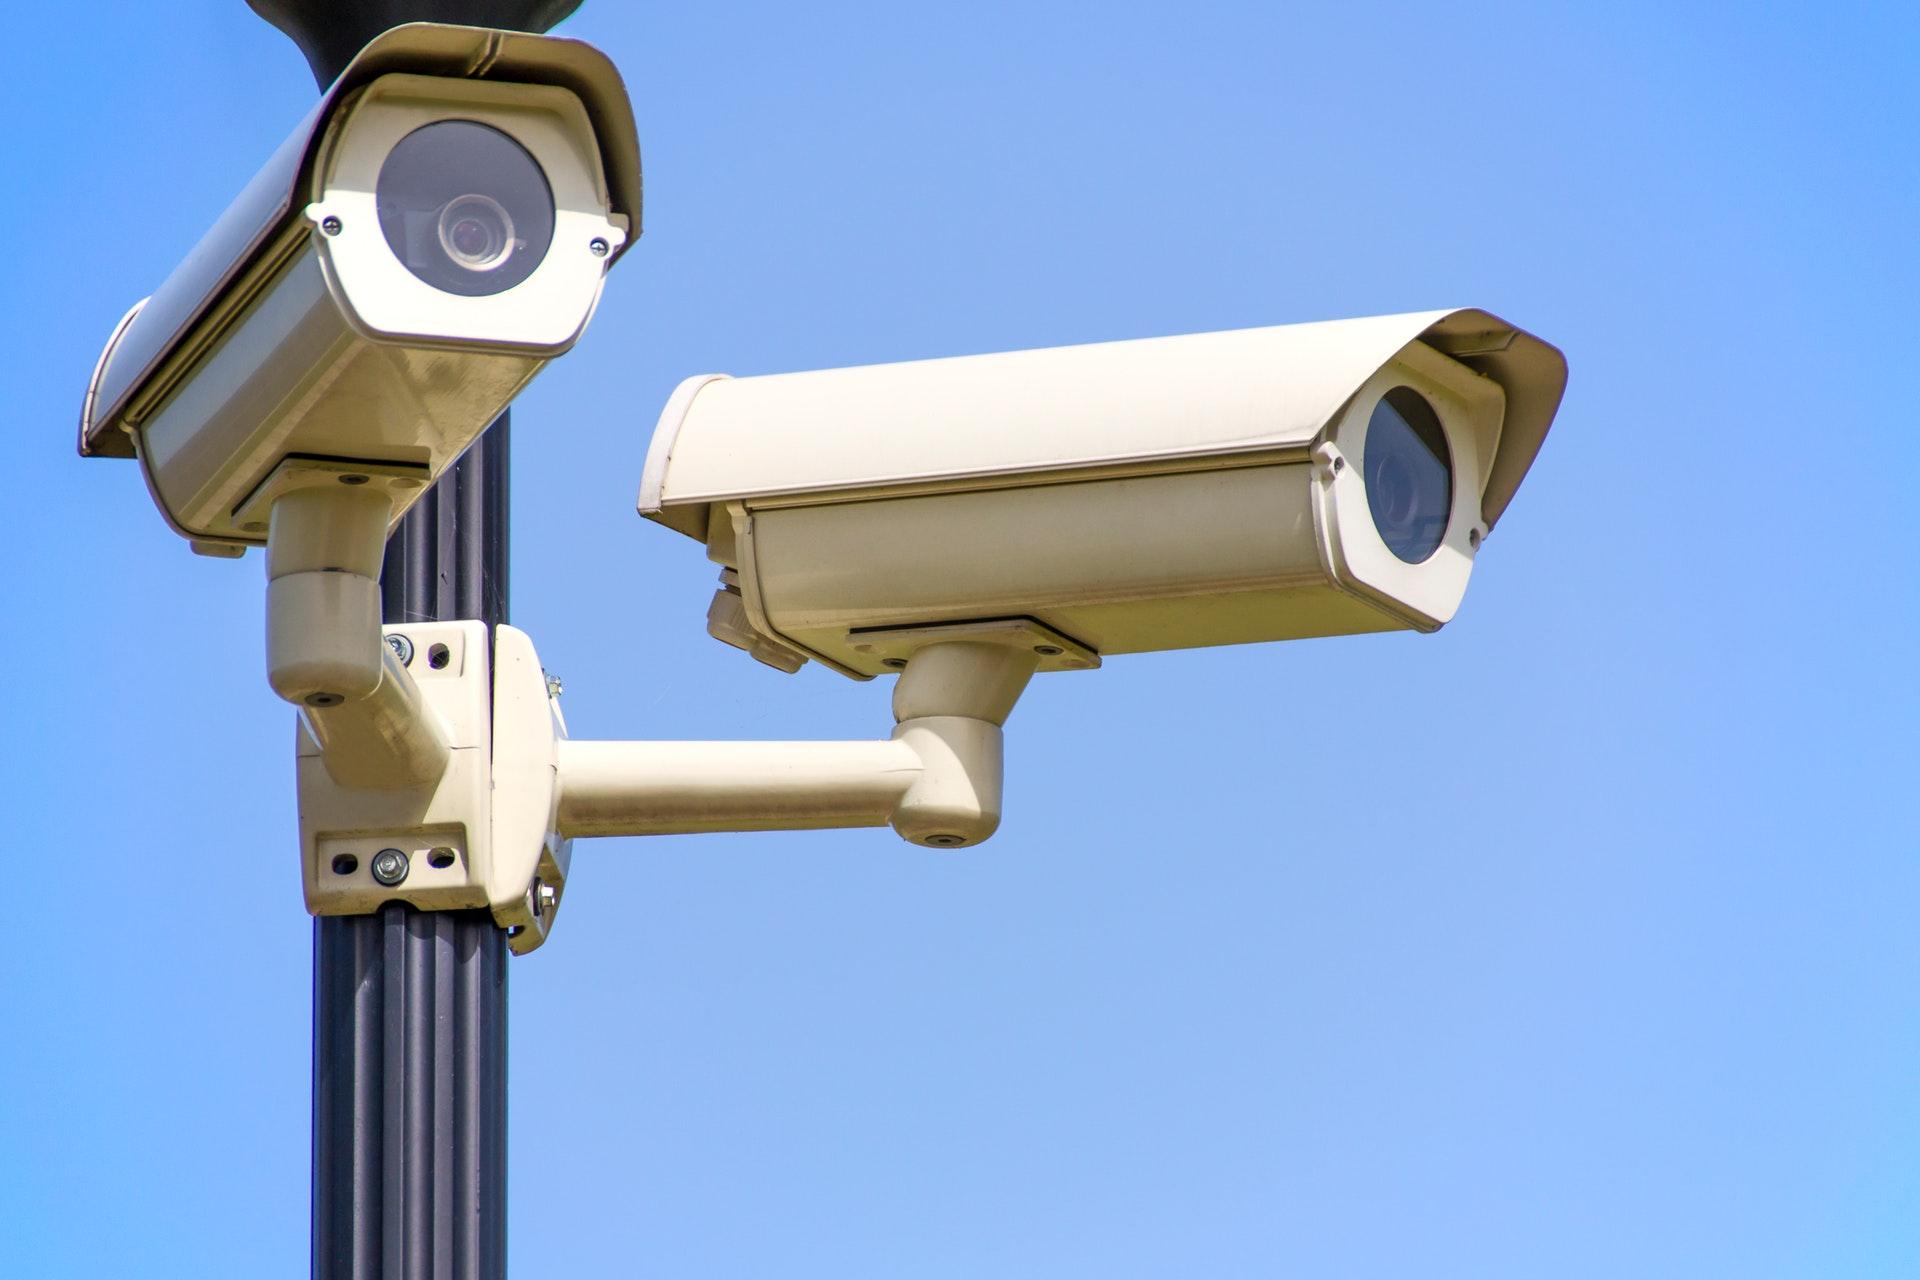 police-blue-sky-security-surveillance-96612